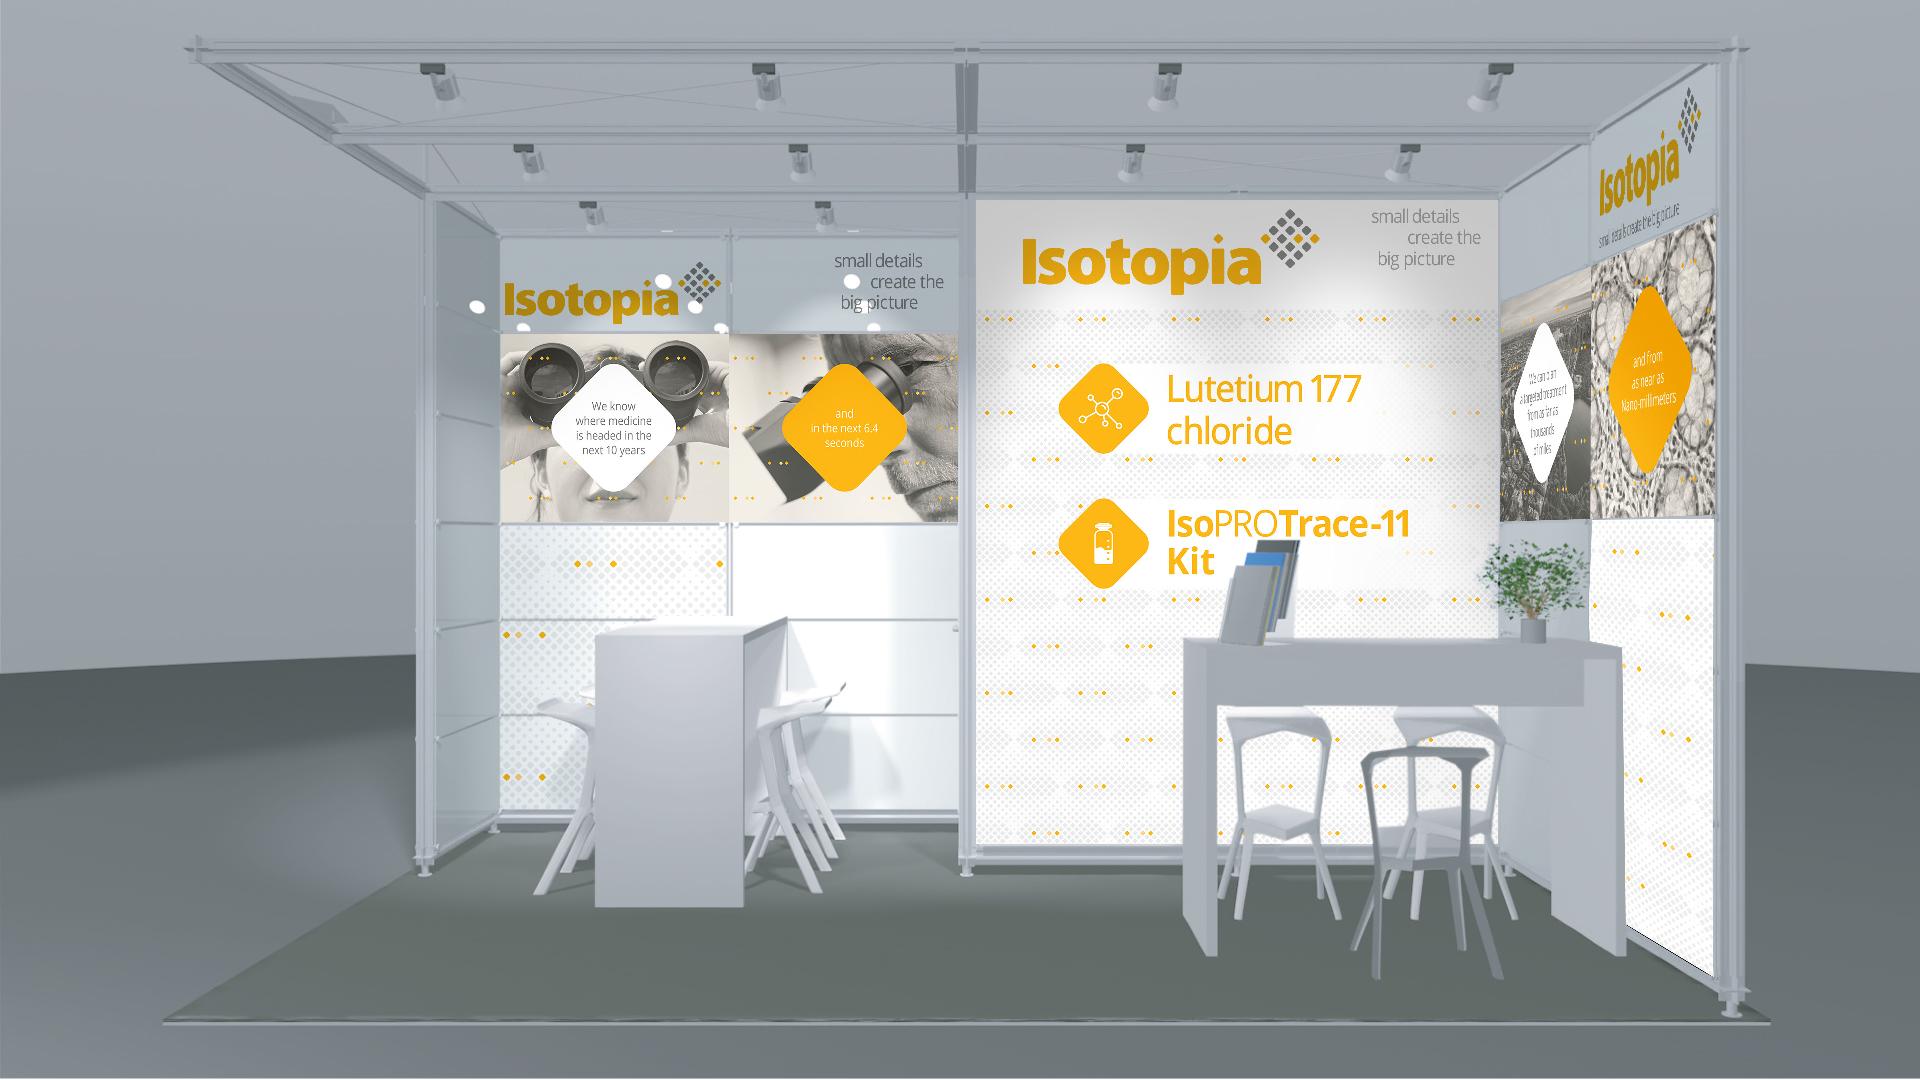 isotopia branding_2-21 copy